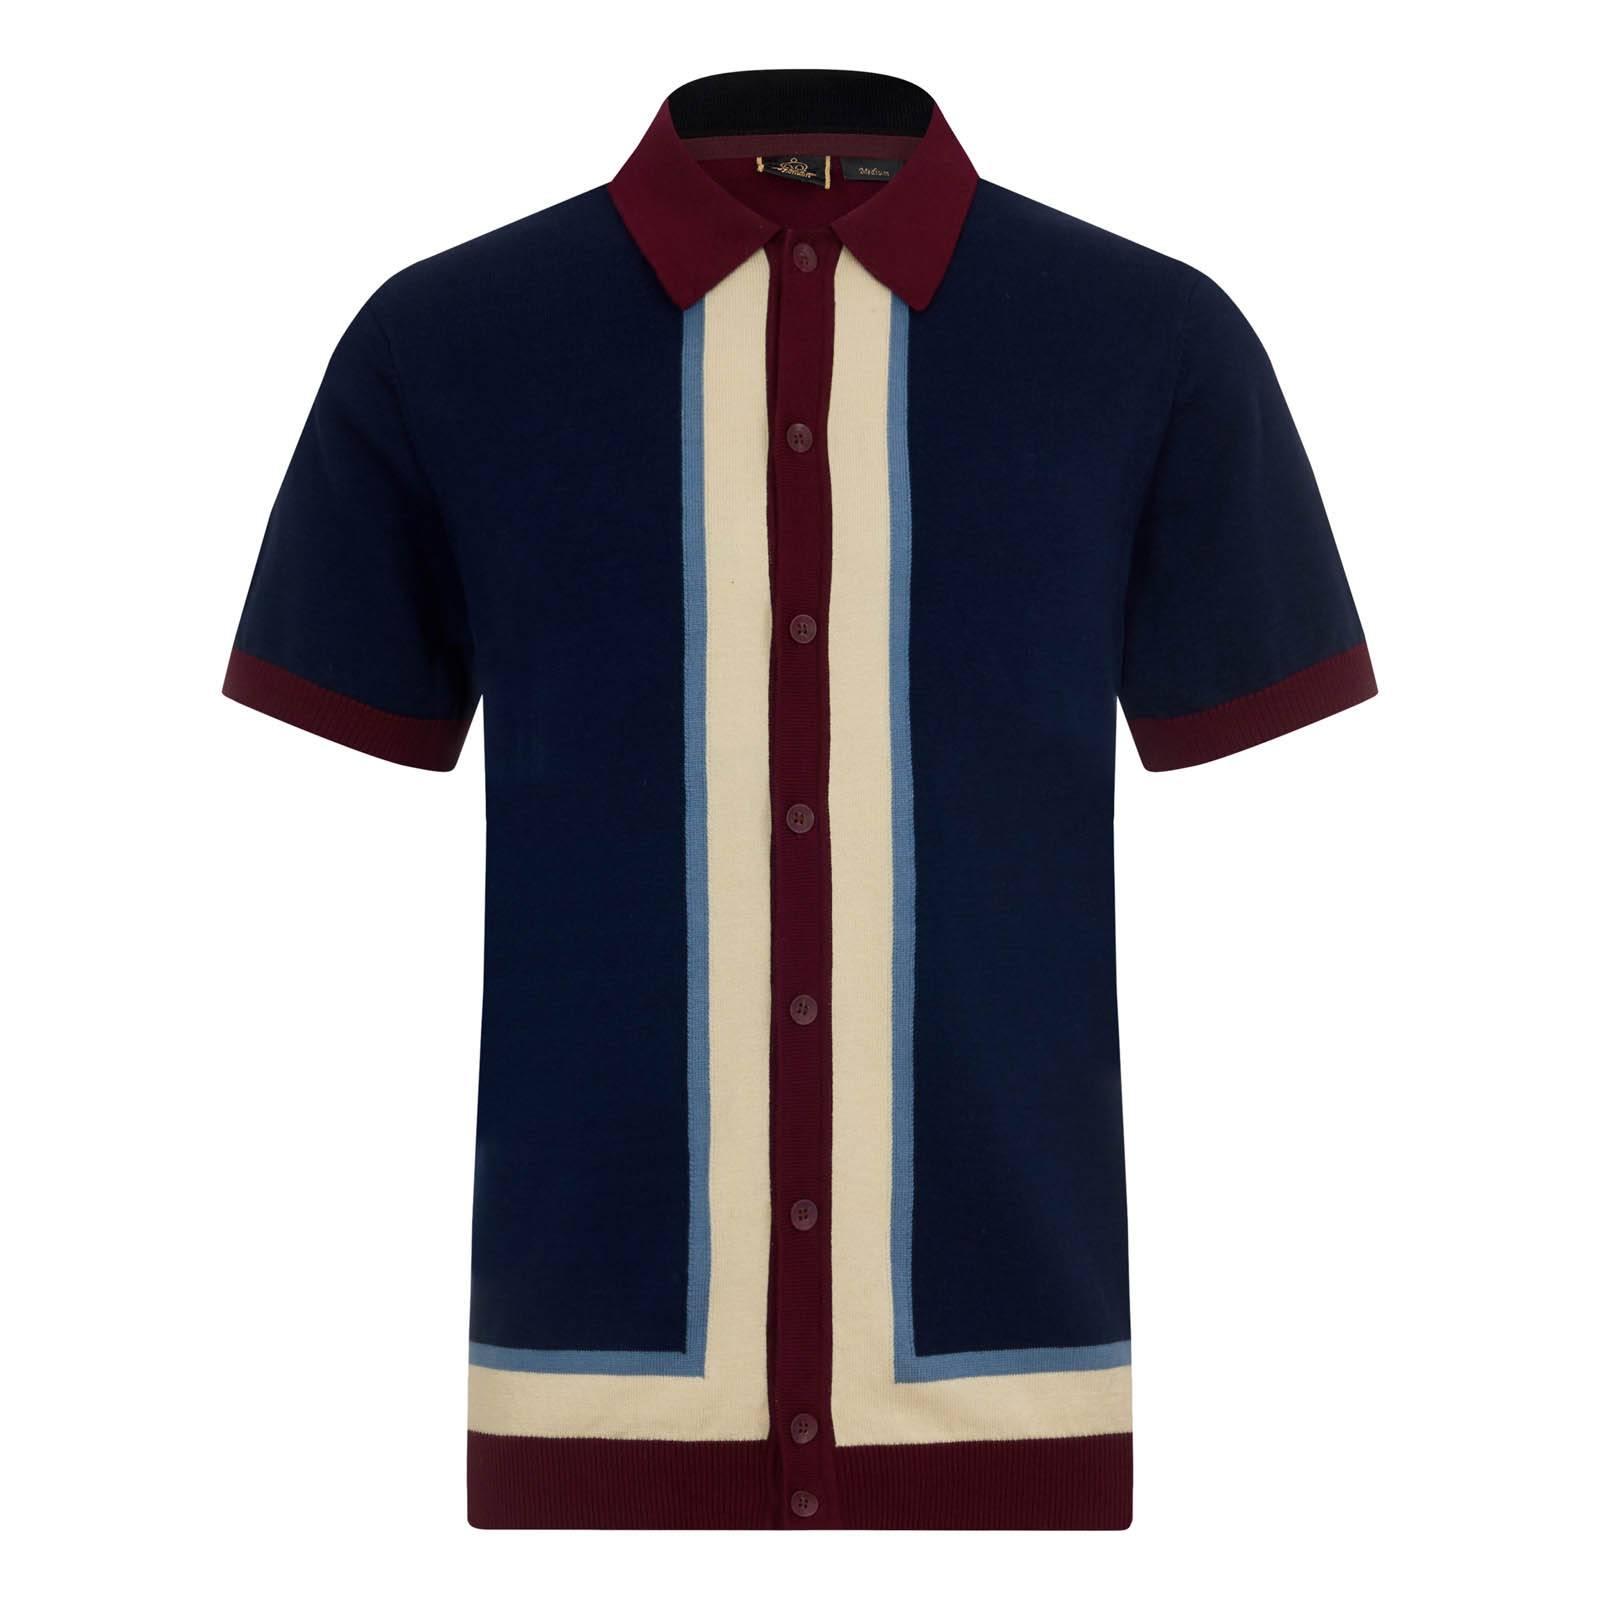 Трикотажное Поло RainhamТрикотажные<br>Гордость и украшение уникальной исторической линии вязаных рубашек поло Merc, это мужское трикотажное ретро поло на пуговицах является безупречным образцом британского стиля Свингующих 60-х. Крайне эффектный геометрический дизайн, напоминающий зеркально расположенные латинские буквы «L», построен на основе гармоничного цветового контраста. Облегающие манжеты и низ изделия выполнены трикотажным ластиком, имеющим свойства резинки, благодаря чему достигается приталенный силуэт и посадка по фигуре. Брендирована фирменным логотипом Корона, вышитым на левом рукаве. Это поло можно носить с брюками Sta-Prest, чиносами, шортами или джинсами, сочетая с Харрингтоном, Monkey Jacket, кэжуальными кедами, обувью Desert Boot или Челси.<br><br>Артикул: 1616203<br>Материал: 100% хлопок<br>Цвет: синий<br>Пол: Мужской